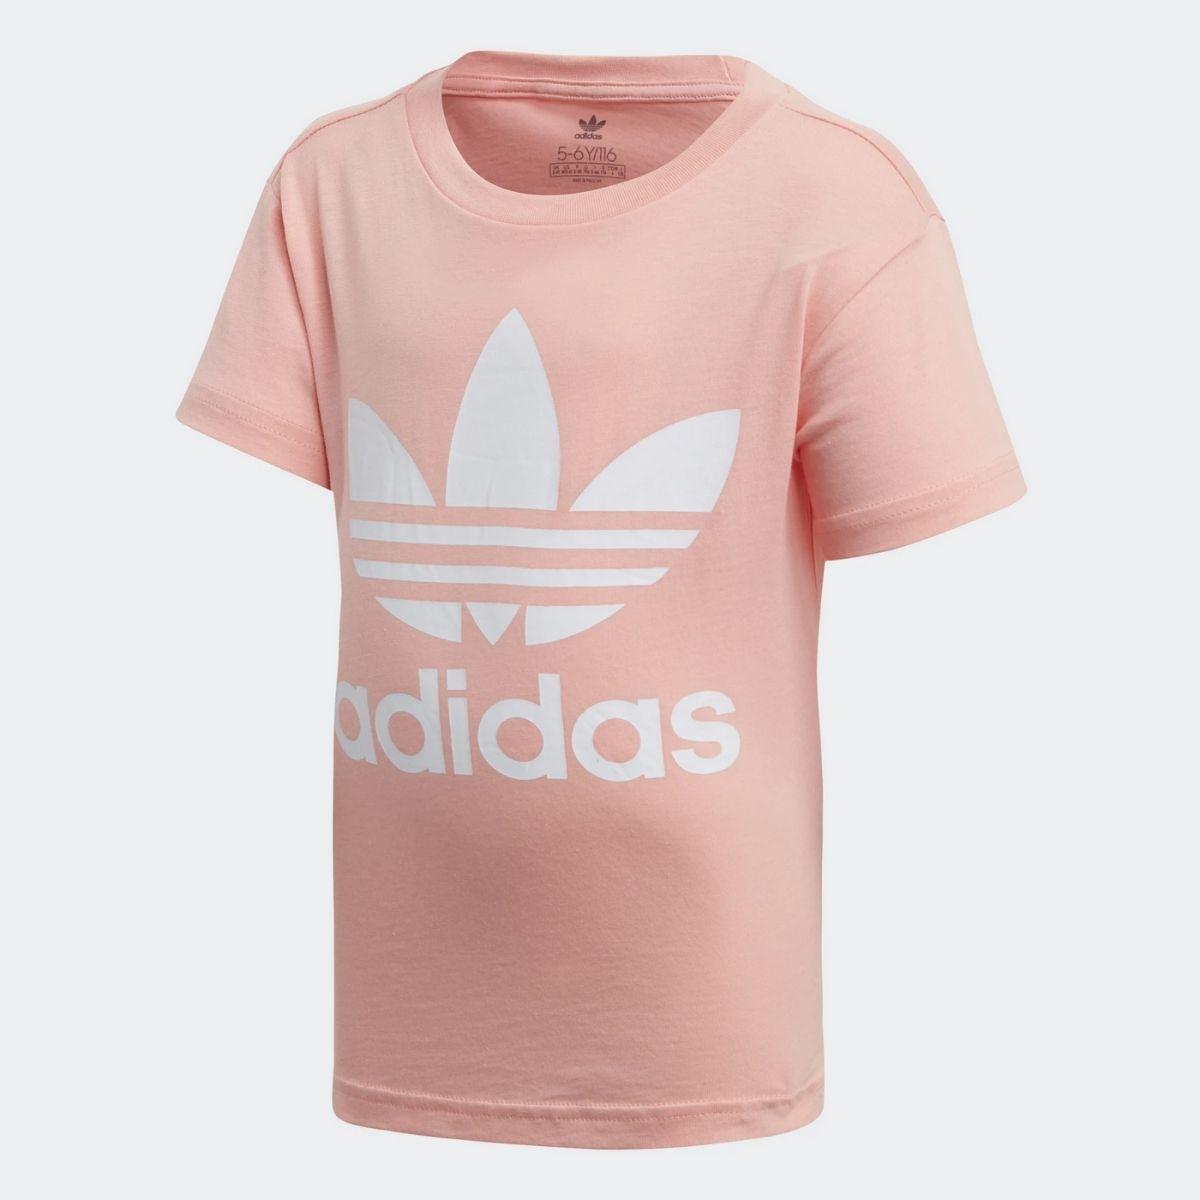 T-Shirt Adidas Stampa...